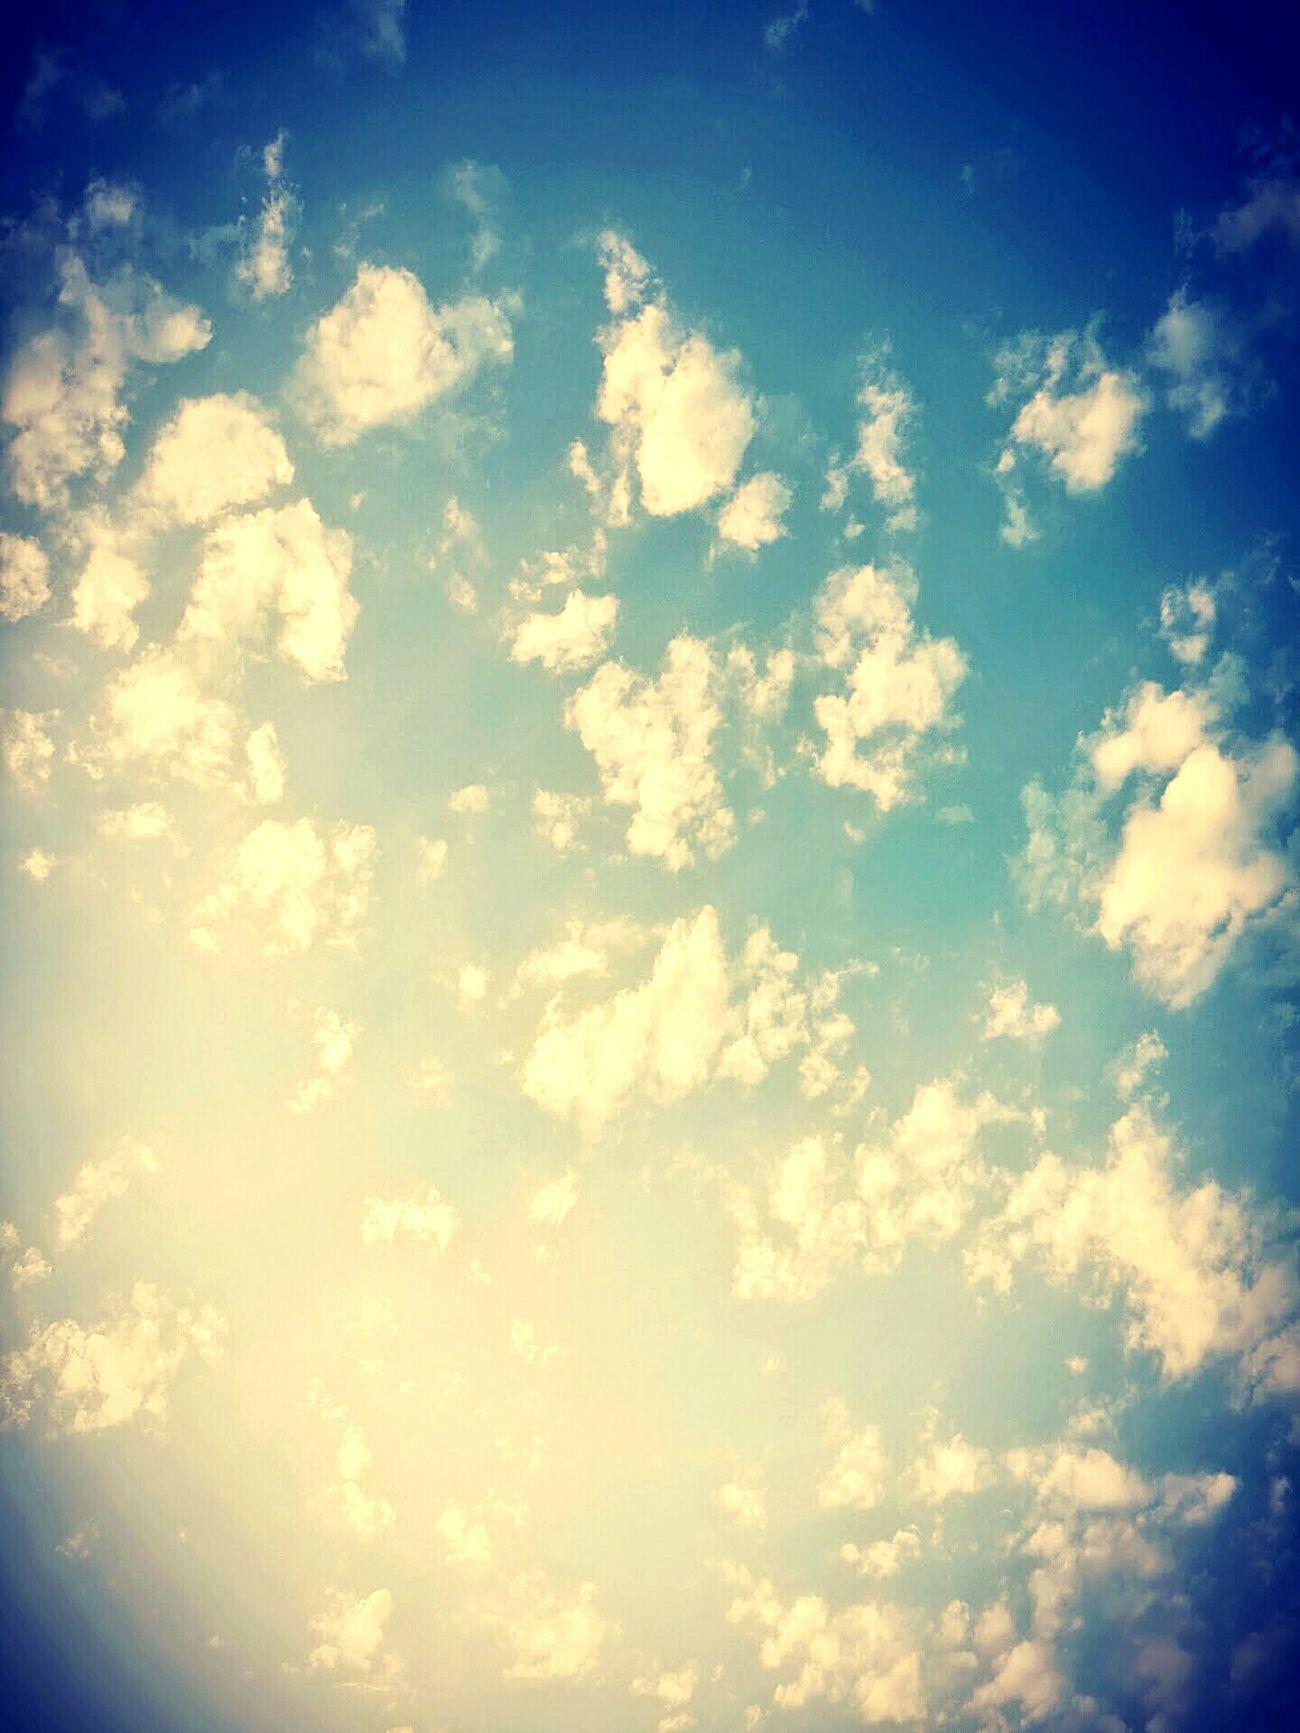 Fredom Blue Bluesky Gokyuzu Gökyüzümavi Aşkgökyüzünde Turkey Beach